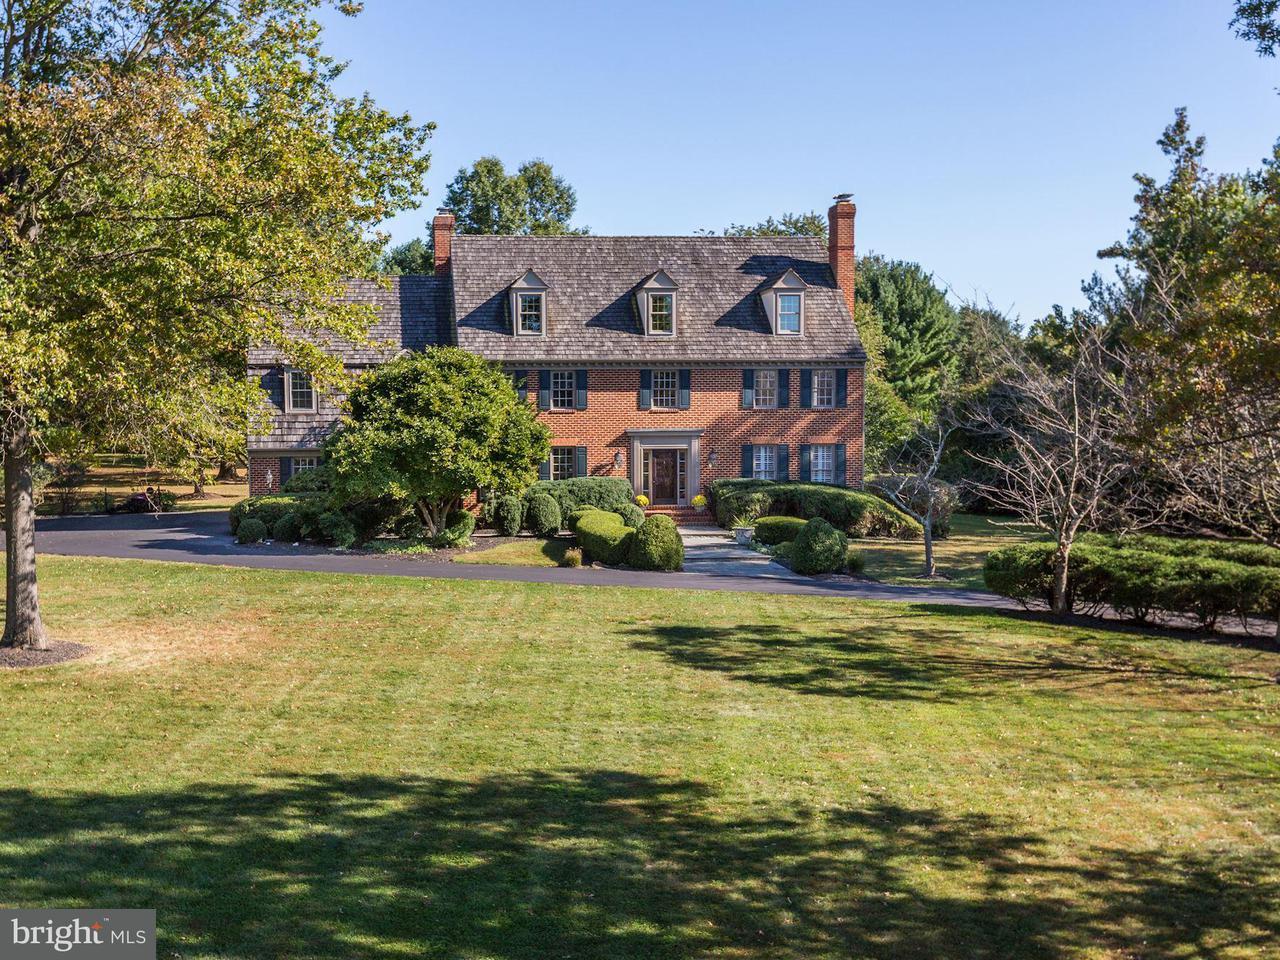 Maison unifamiliale pour l Vente à 13601 STONEBARN Lane 13601 STONEBARN Lane North Potomac, Maryland 20878 États-Unis